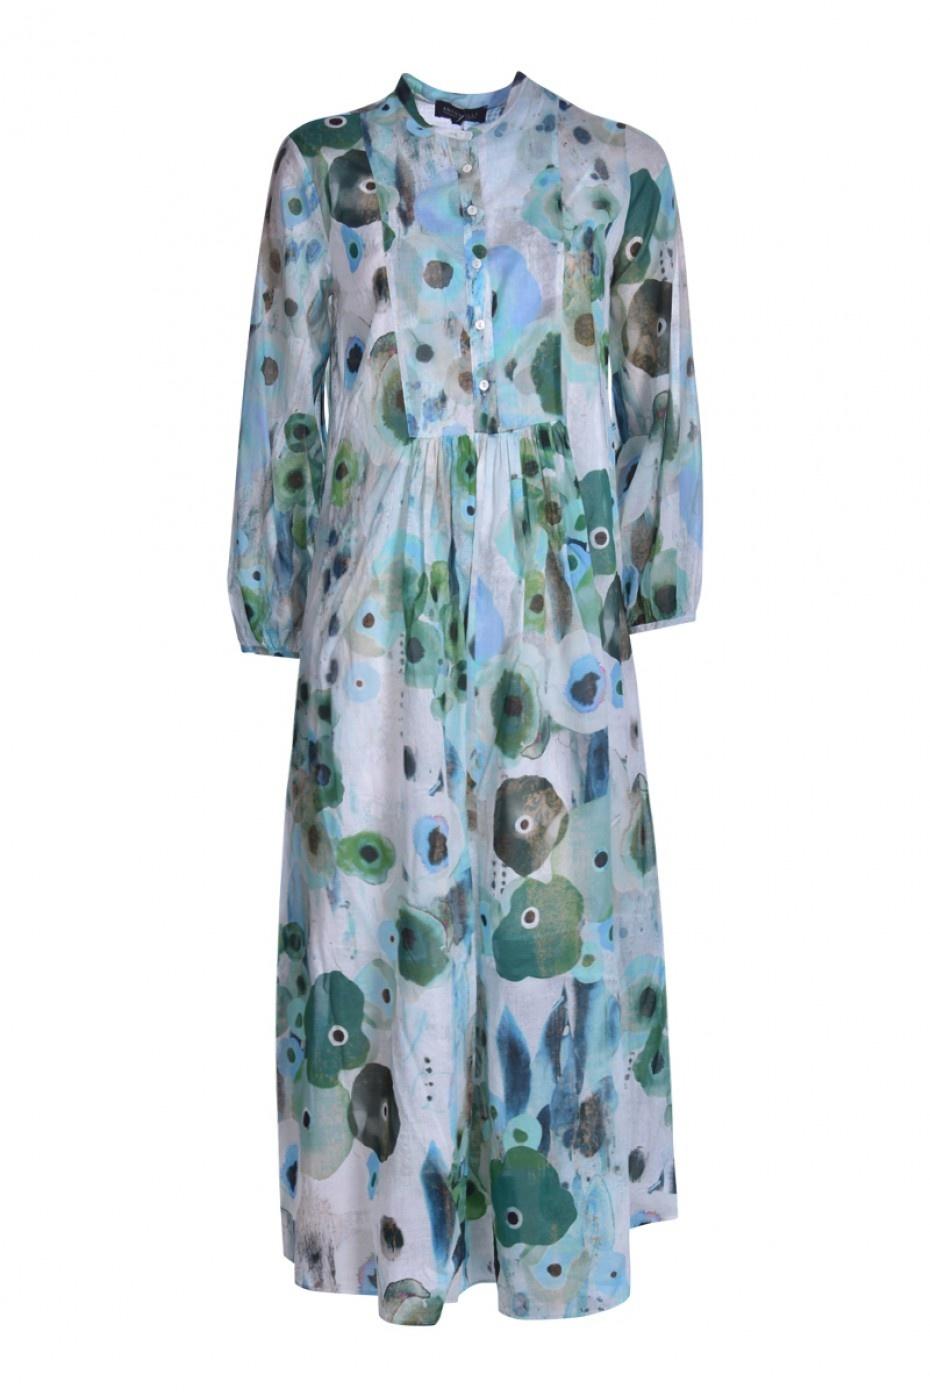 Laurel dress antonelli-1